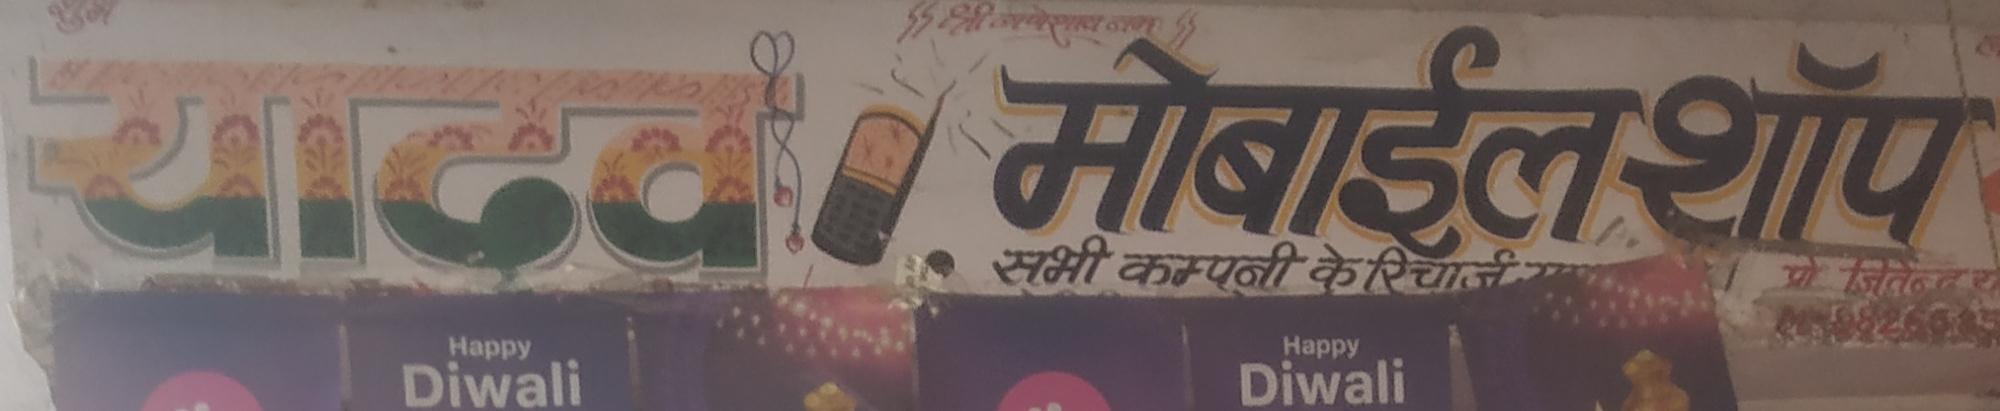 Yadav mobile shop